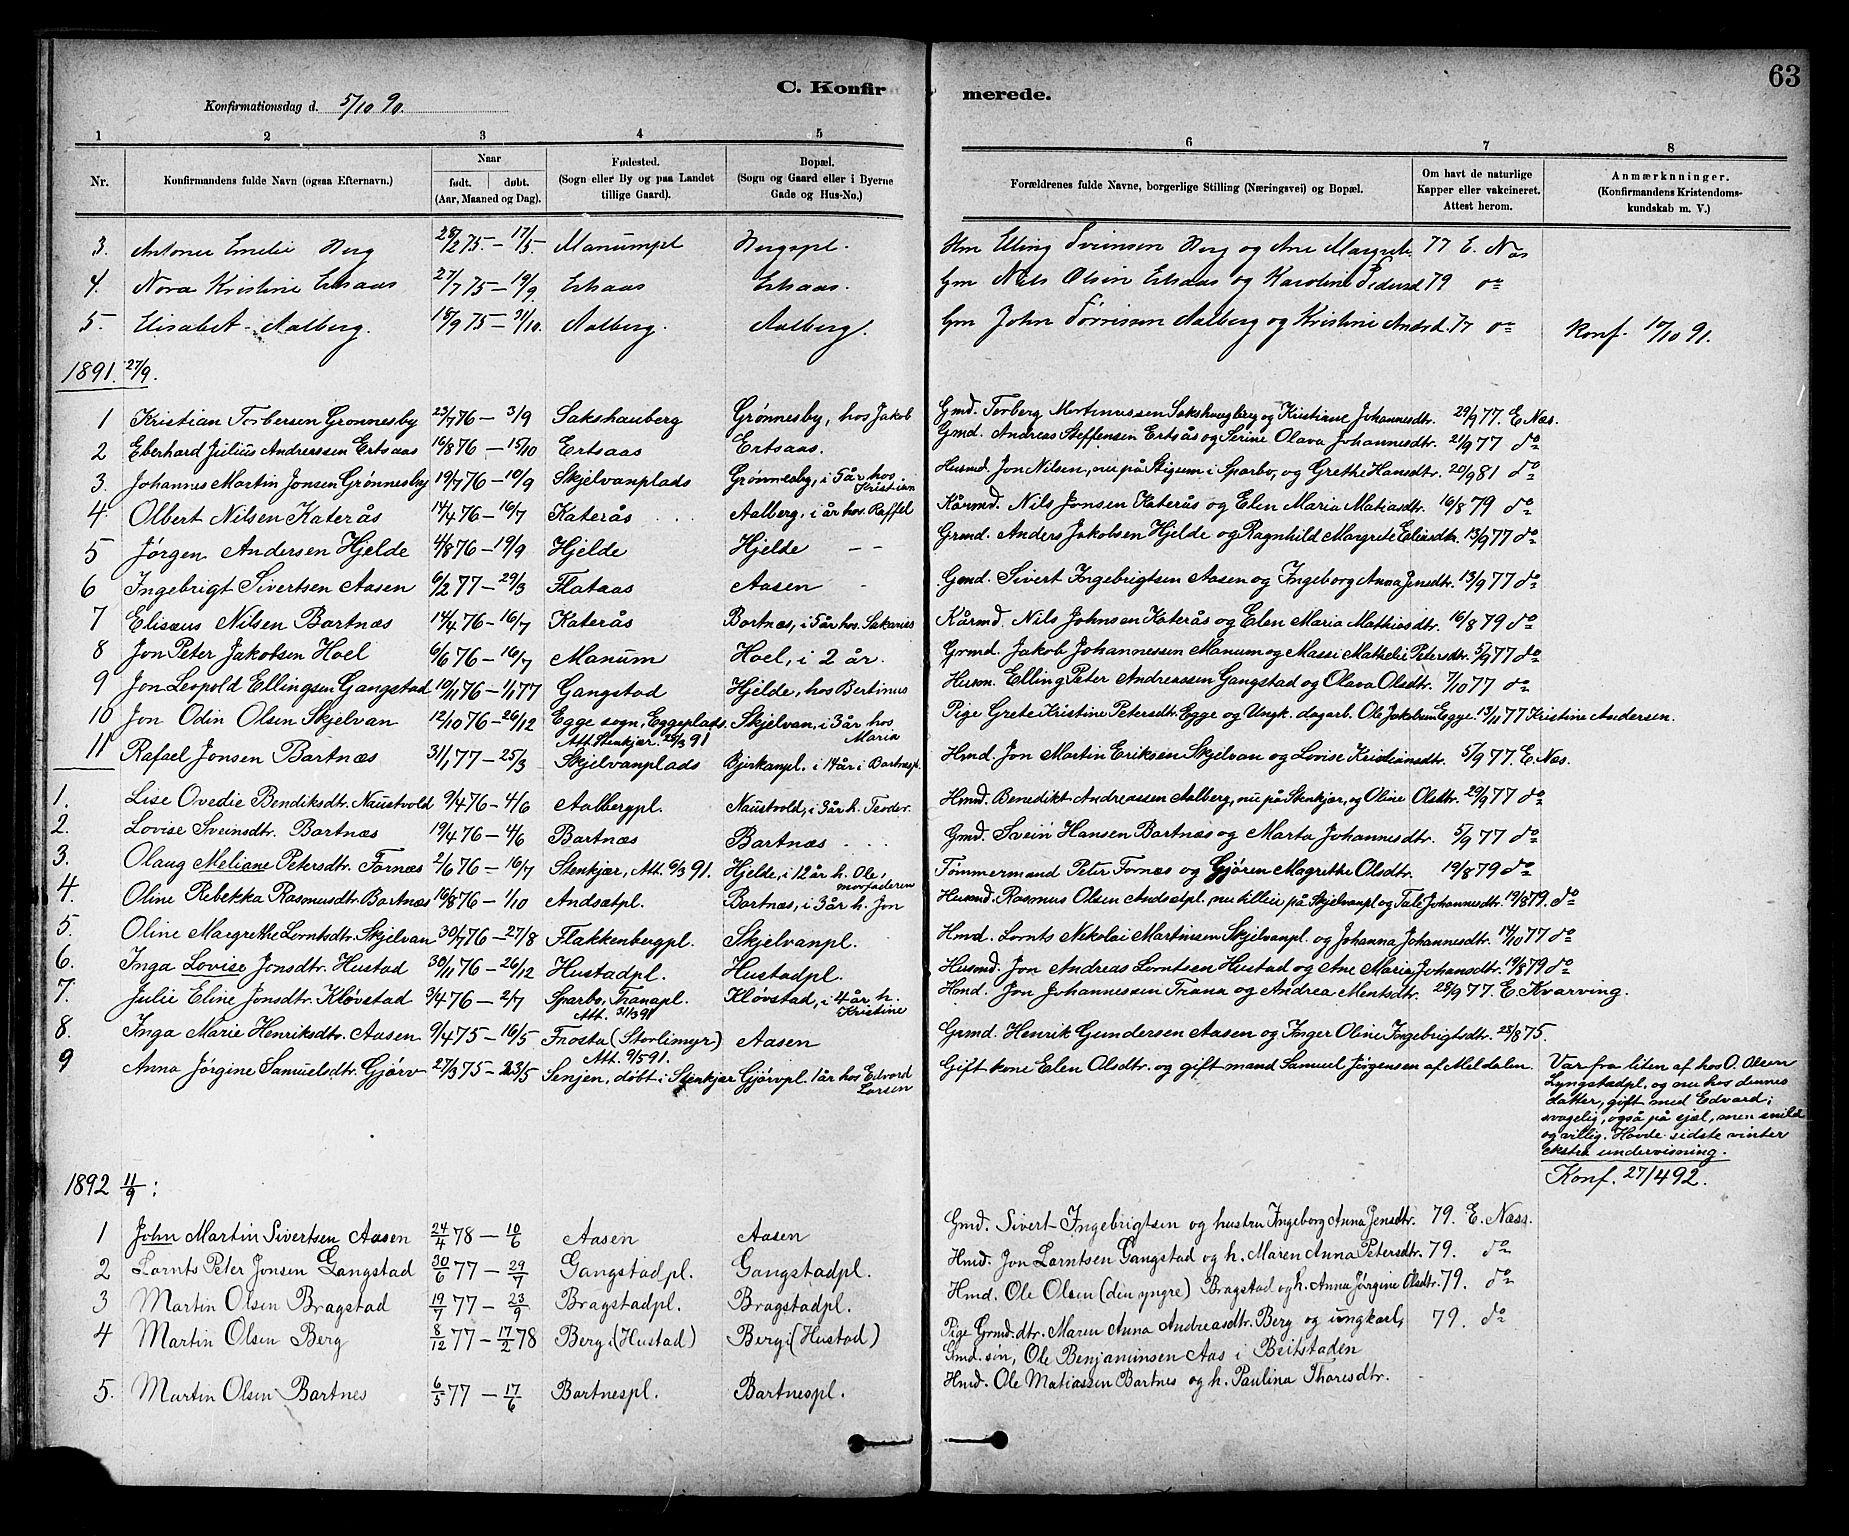 SAT, Ministerialprotokoller, klokkerbøker og fødselsregistre - Nord-Trøndelag, 732/L0318: Klokkerbok nr. 732C02, 1881-1911, s. 63